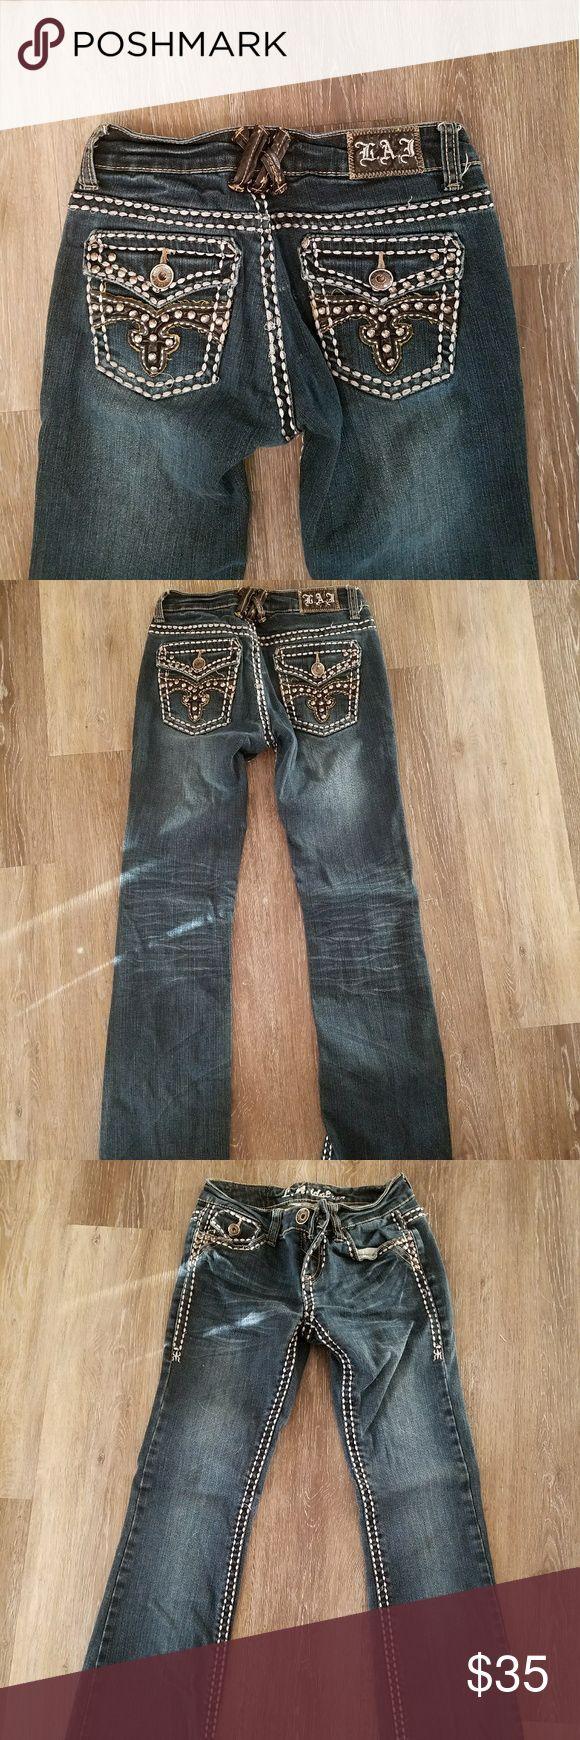 New La Idol jeans New LA Idol jeans size 3 LAidol Jeans Boot Cut